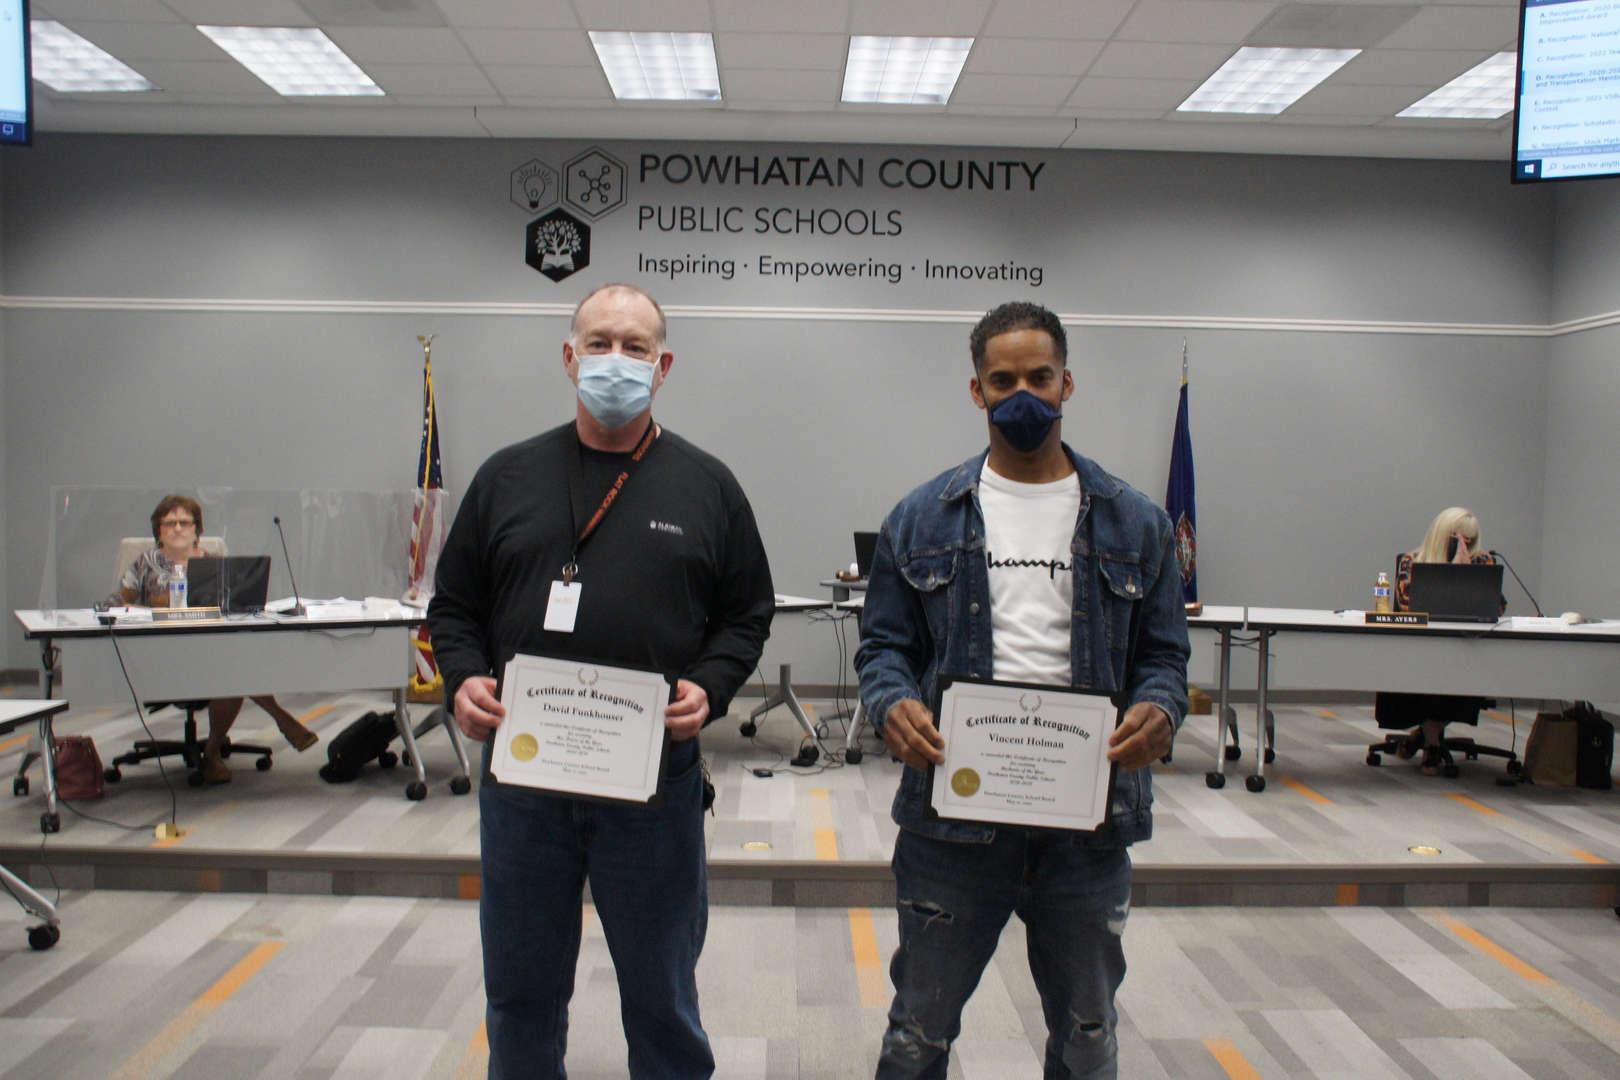 David Funkhouse (left) & Vincent Holman (right) receive transportation recognition awards